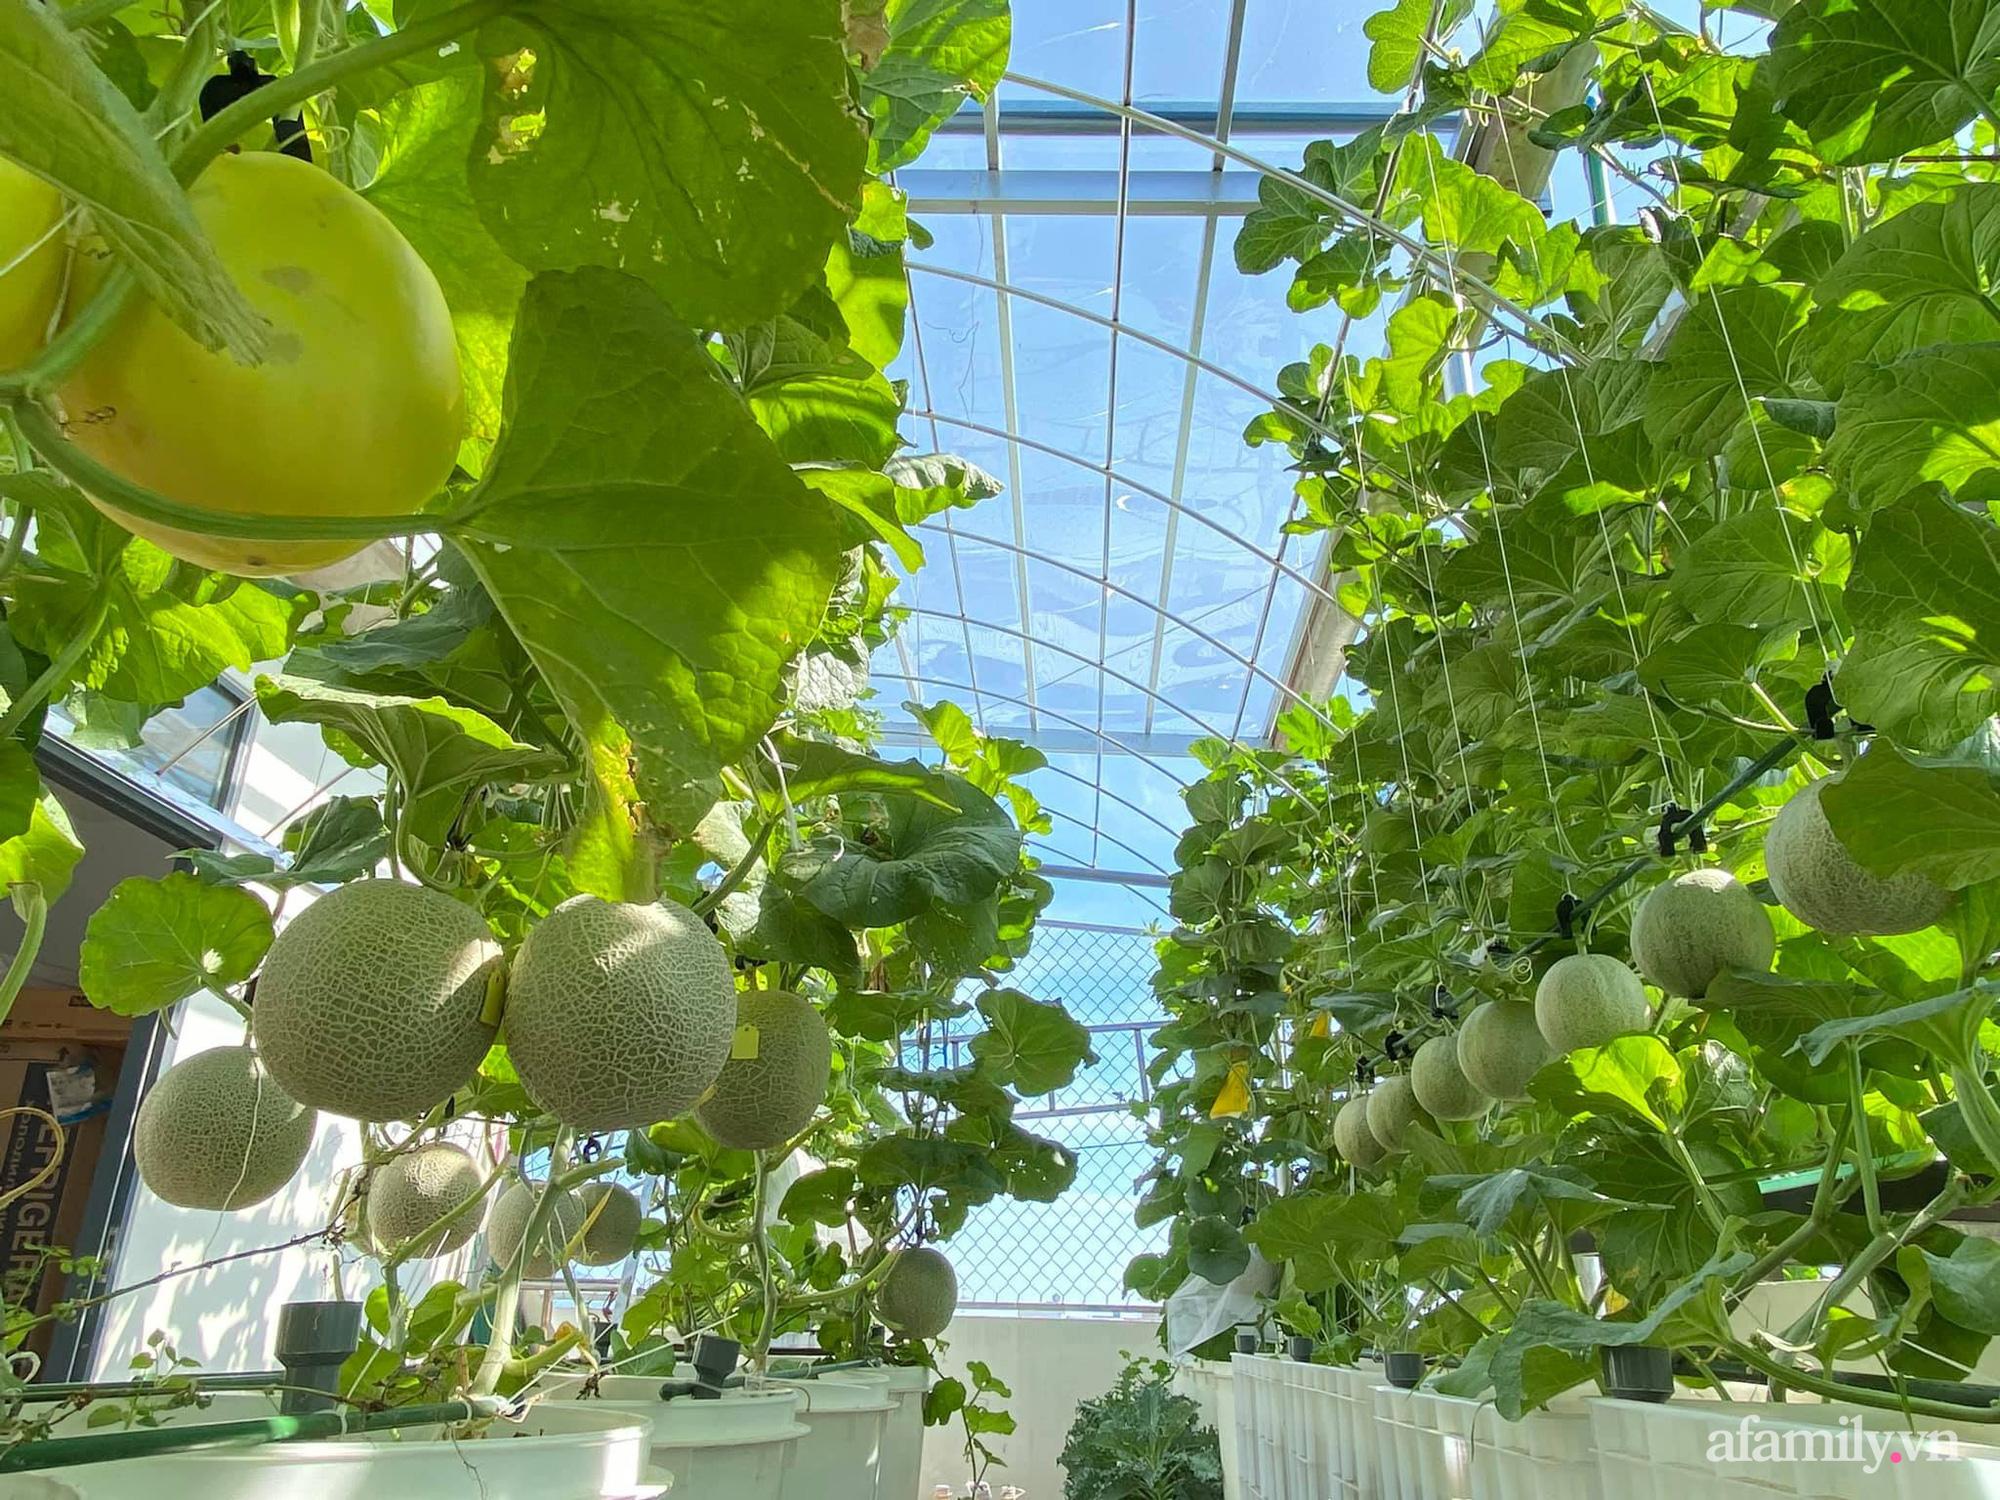 Giãn cách không ra khỏi nhà vẫn đủ rau quả thưởng thức nhờ vườn cây xanh um trên sân thượng ở Đà Nẵng - Ảnh 4.